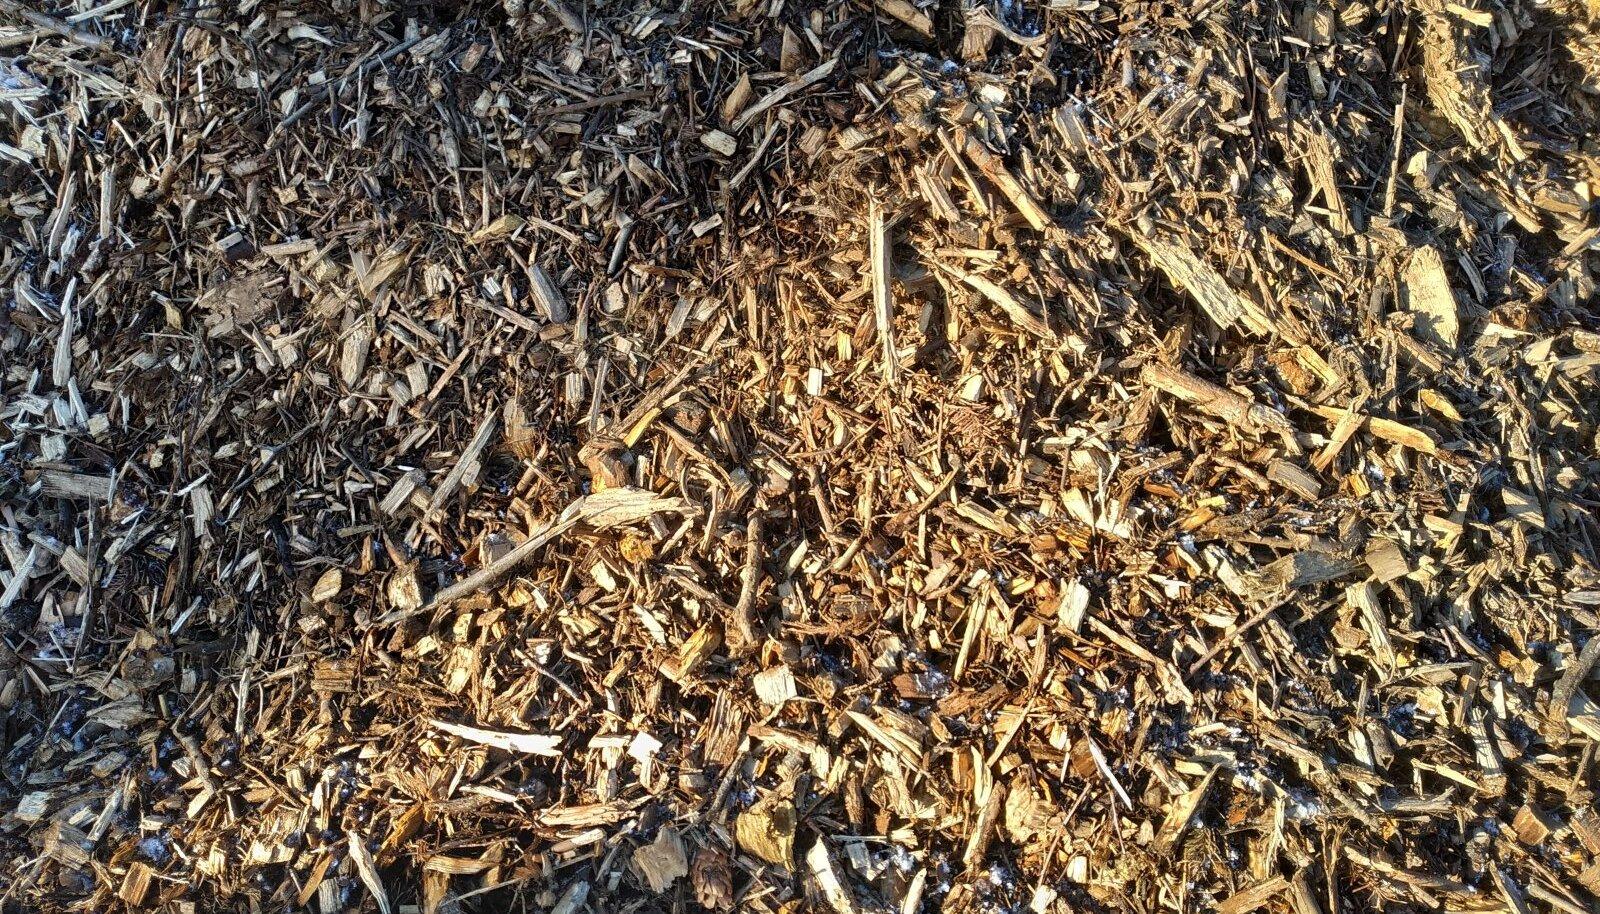 Puidukäitlus OÜ Viimsis.  Taaskasutatud puit töödeldakse olenevalt kvaliteedist erinevateks fraktsioonideks alates sellisest, mis sobib puitlaastplaatide valmistamiseks või multšiks lõpetades kütte ja kompostiga.